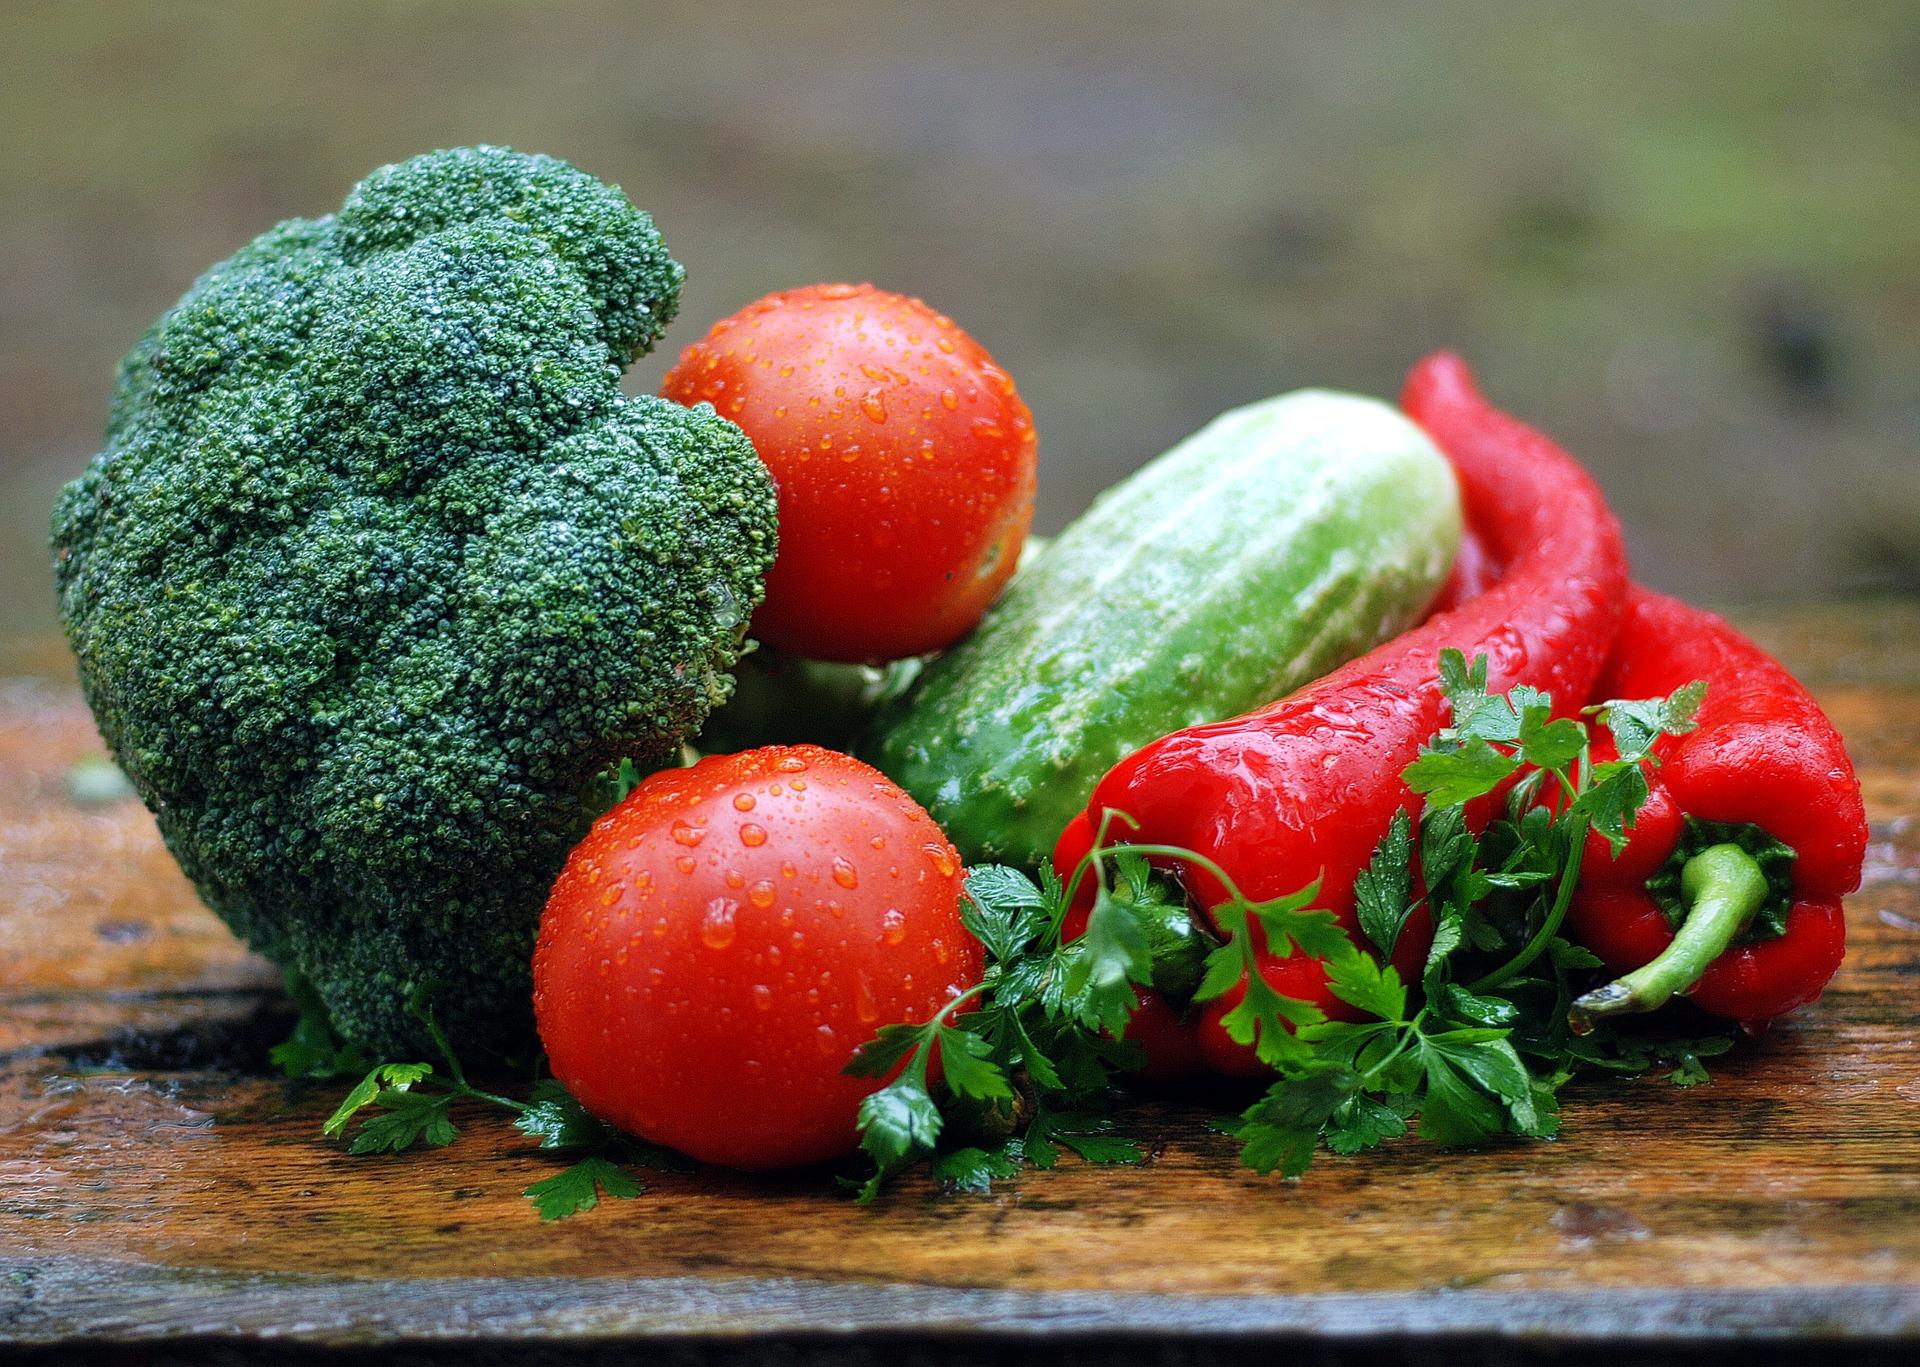 Cuide bem da higienização dos alimentos